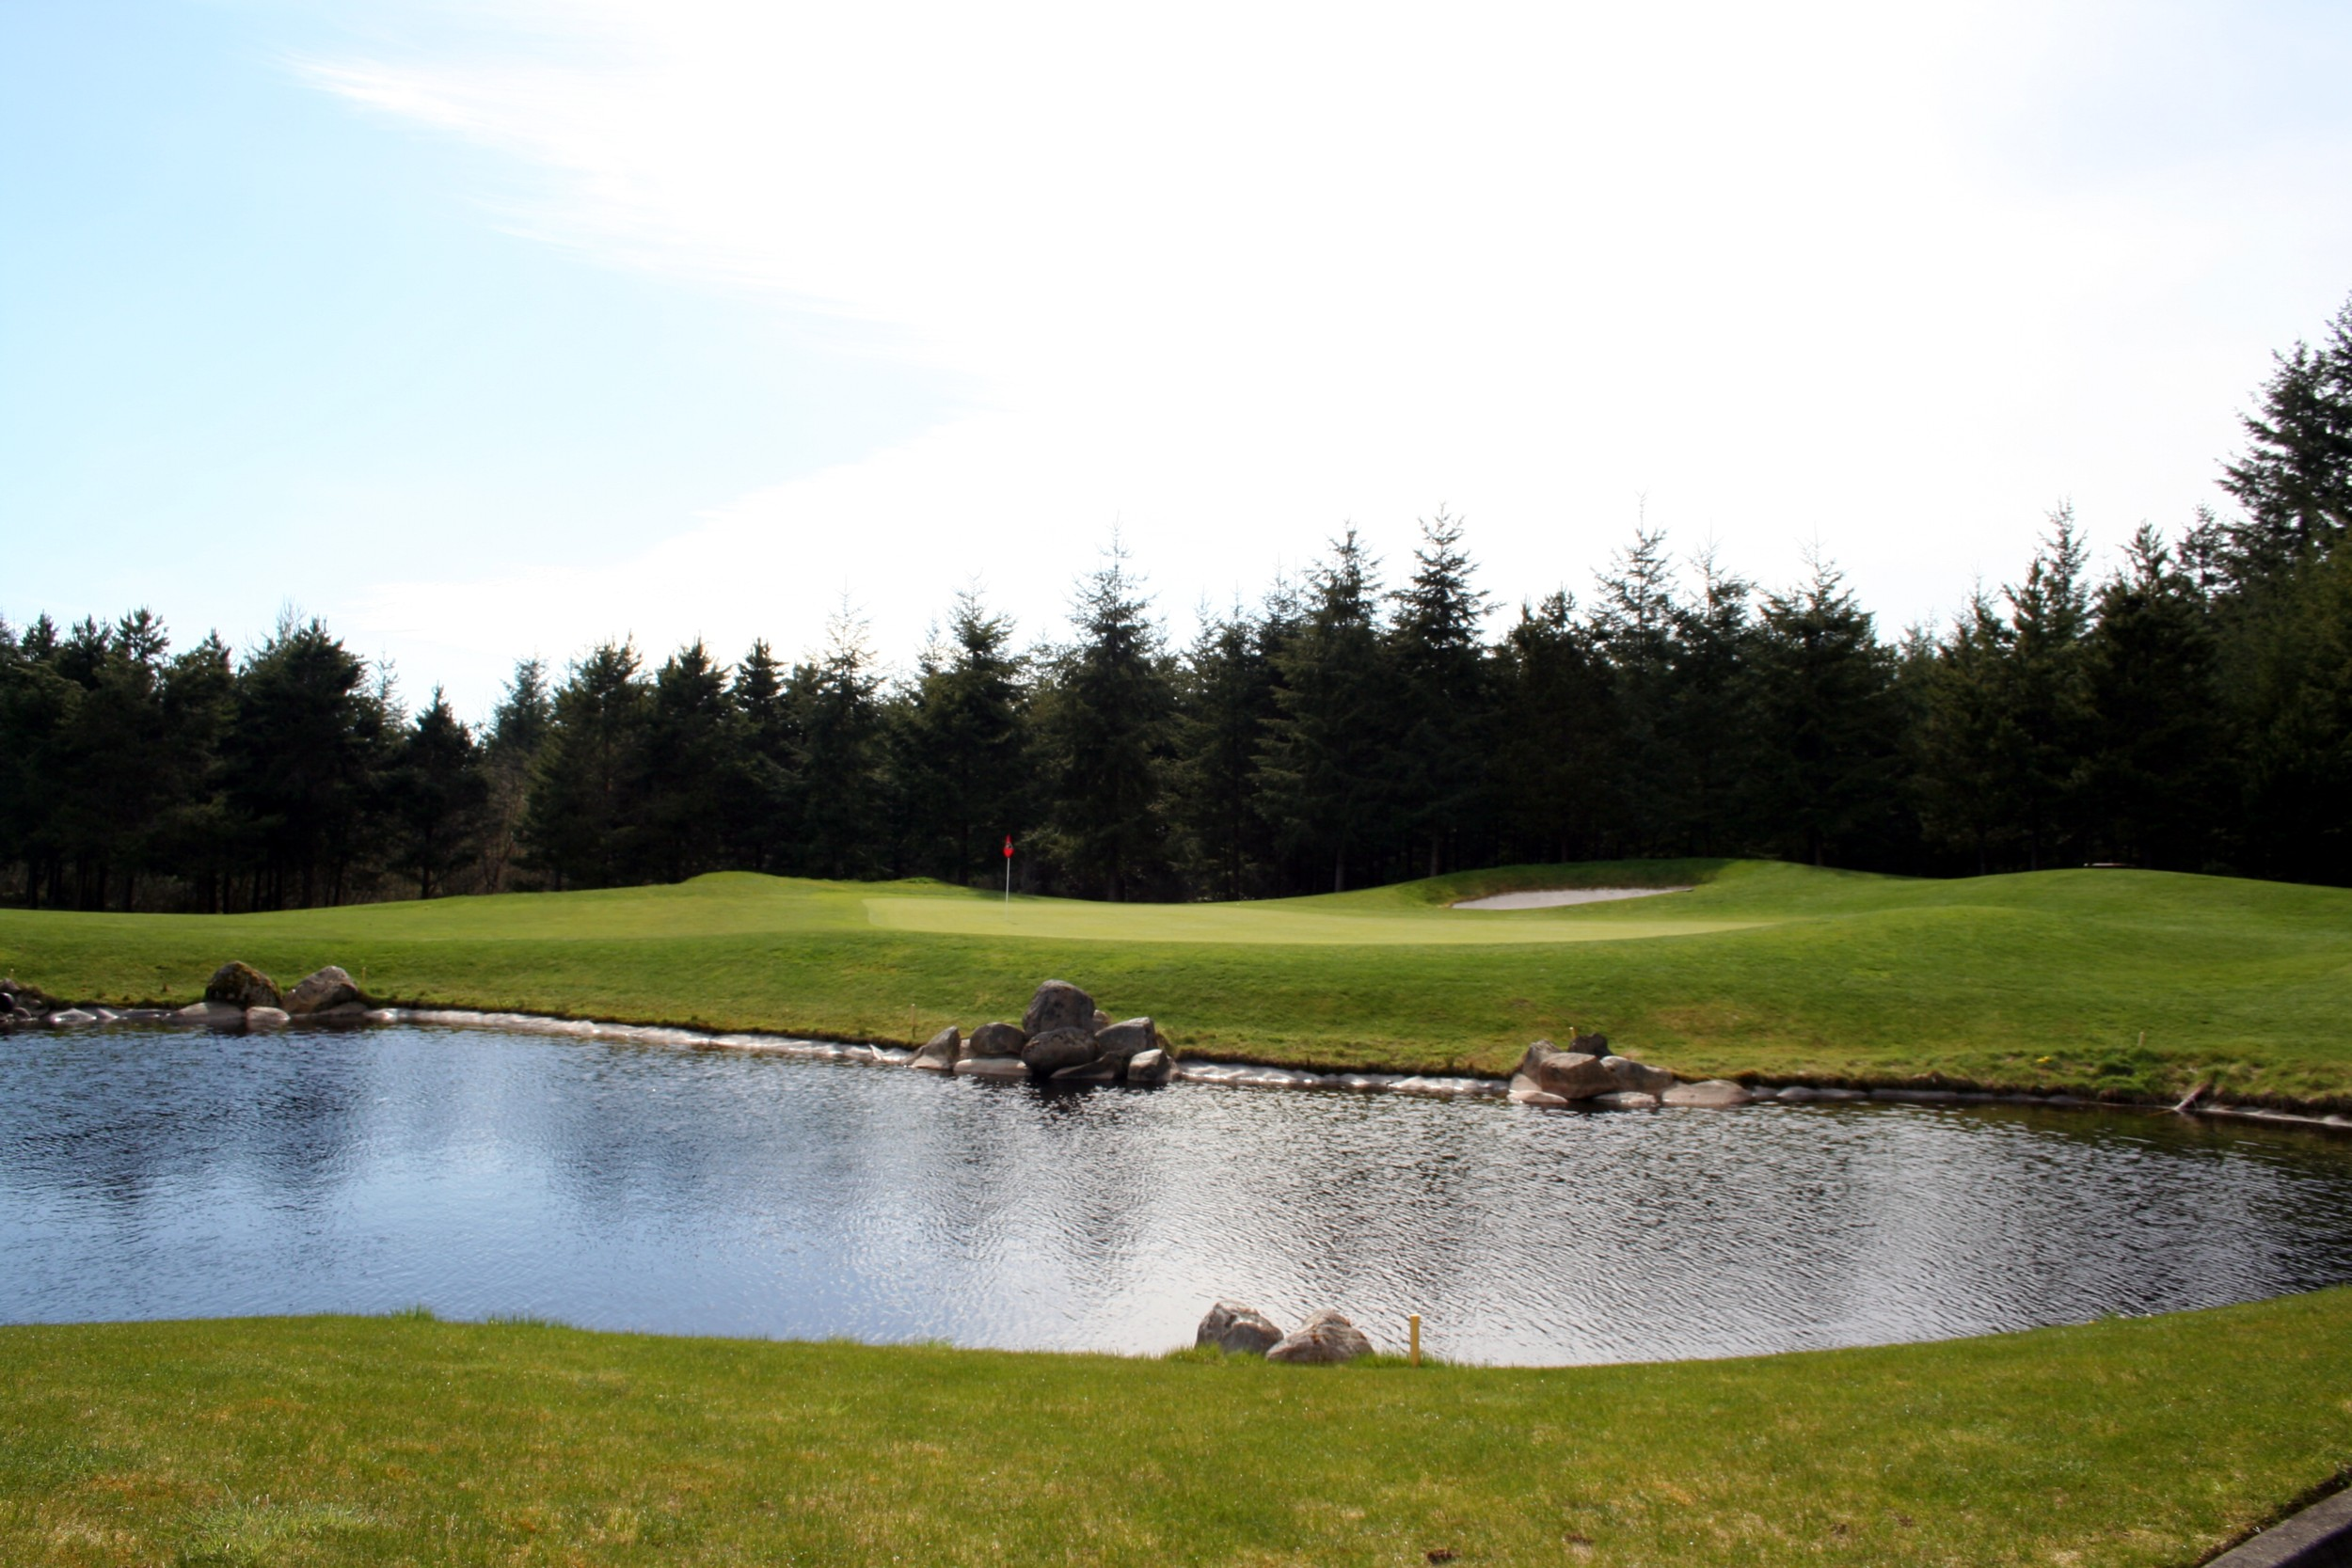 trophy lake pnw golf review. Black Bedroom Furniture Sets. Home Design Ideas